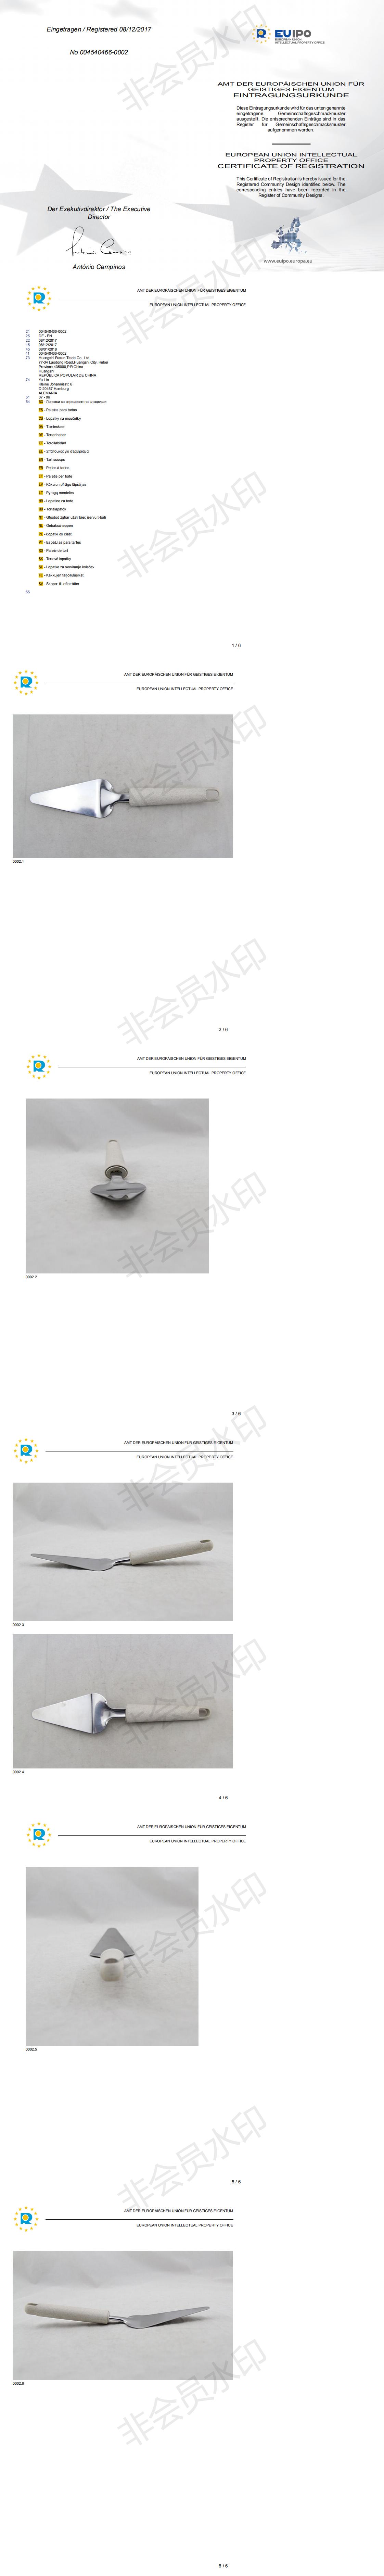 Патент ЕС 004540466-0002